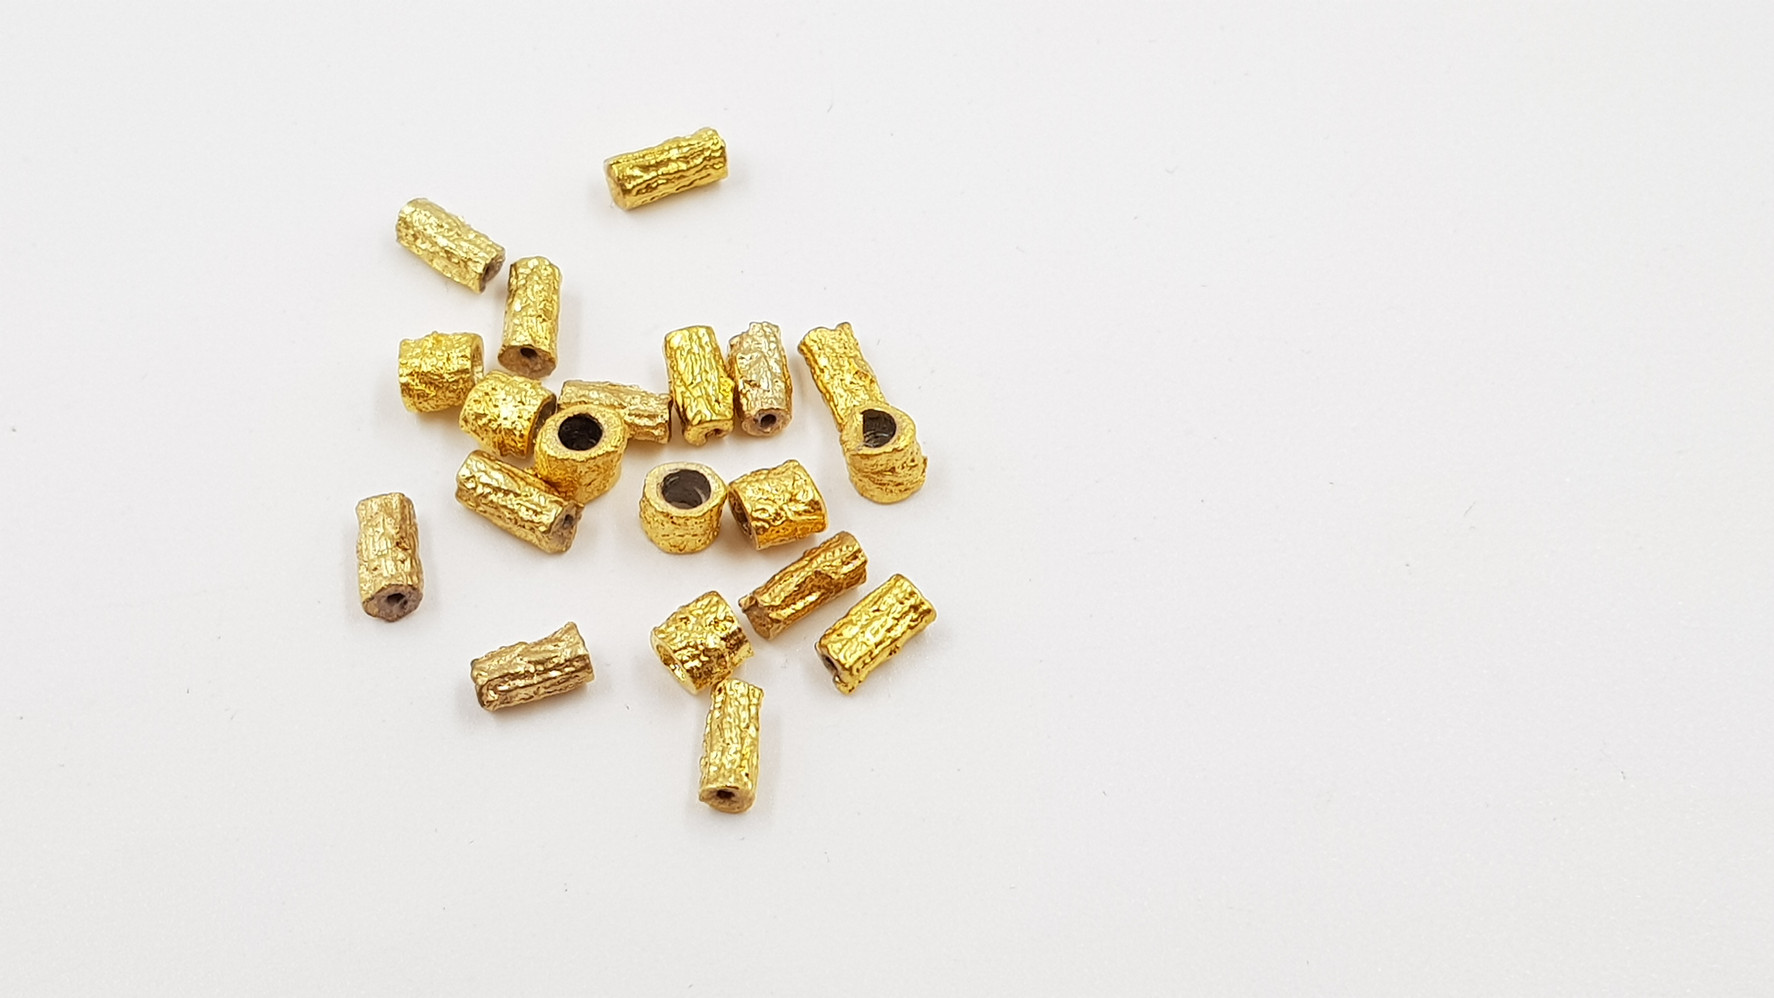 325- חרוז צינור מעוצב בציפוי זהב להשחלה 20 יח'